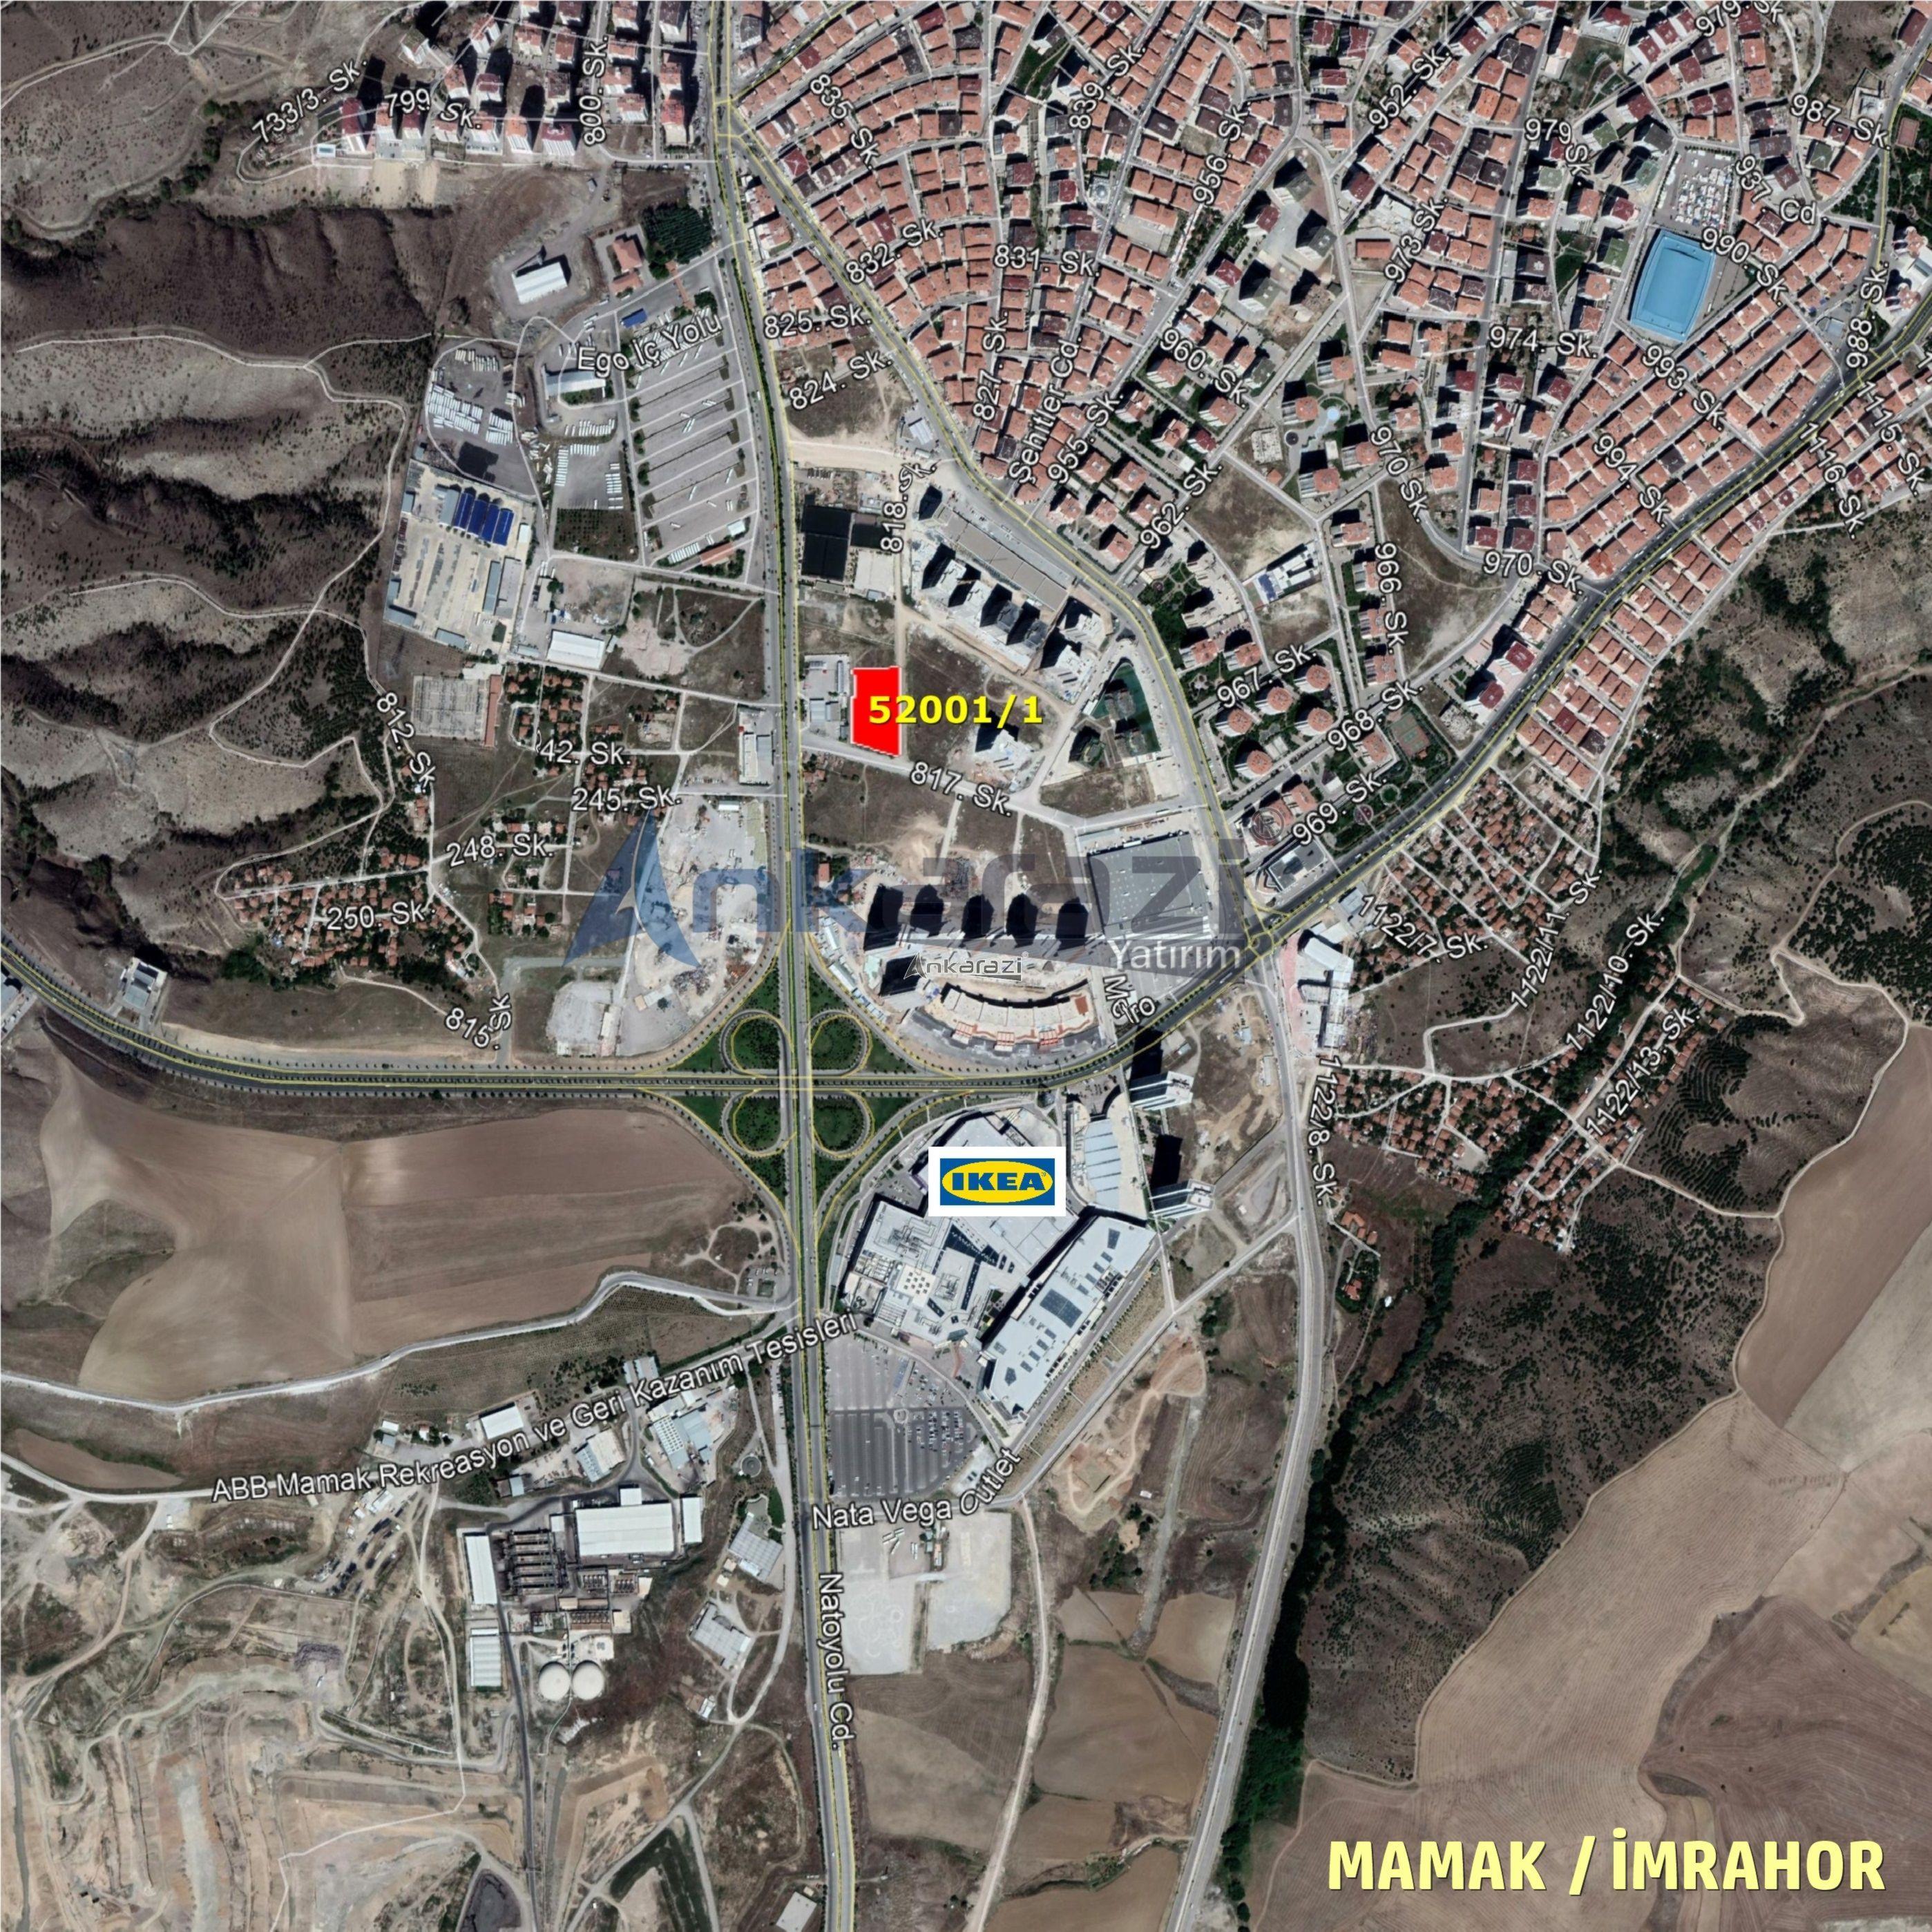 Büyükşehir Belediyesi Arsa Satış İhalesi... (21/02/2019) 3594